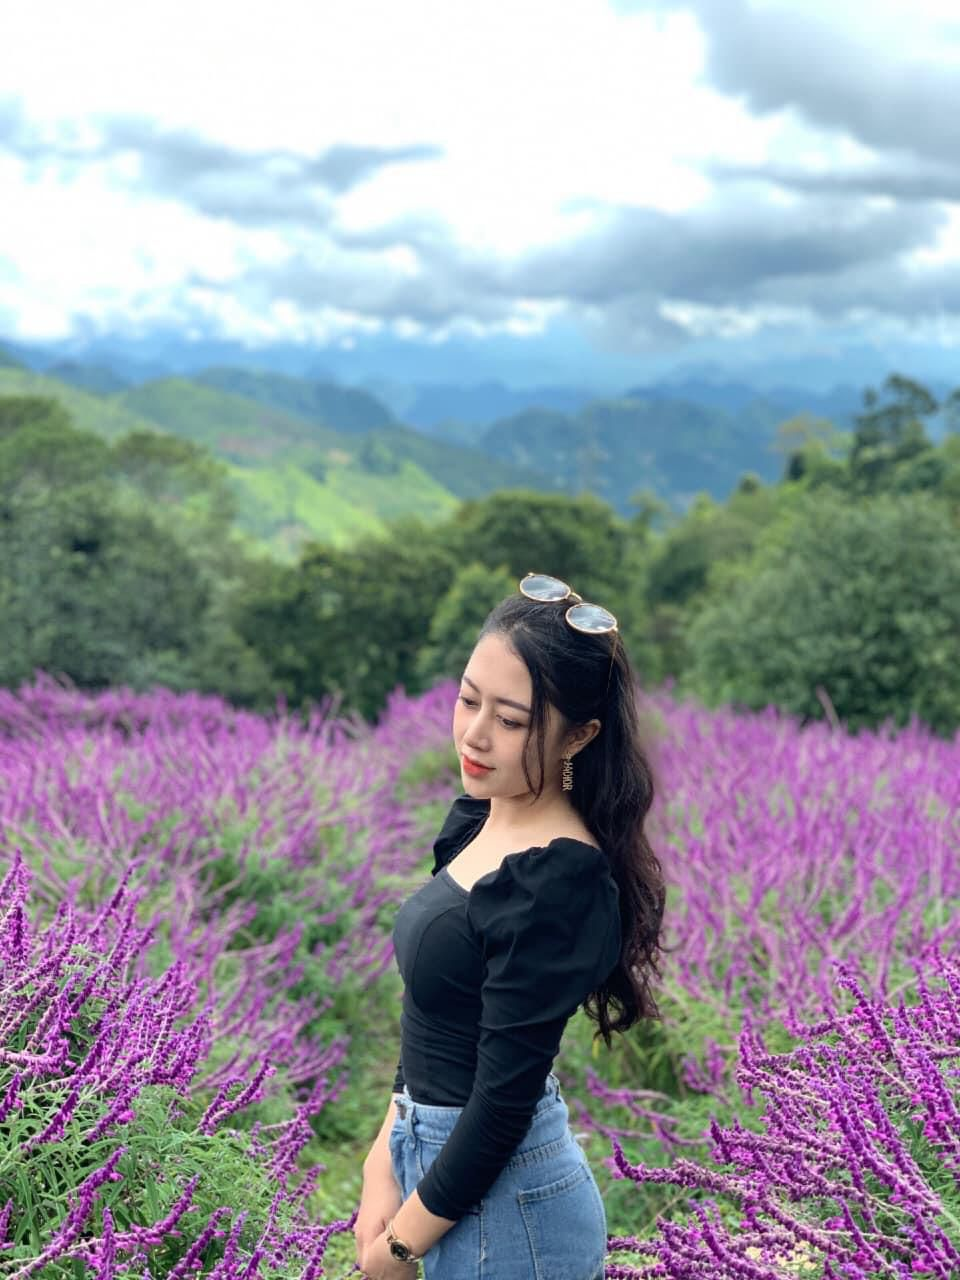 Đồi hoa tím biếc tựa trời Âu thu hút giới trẻ Việt check-in Ảnh 3